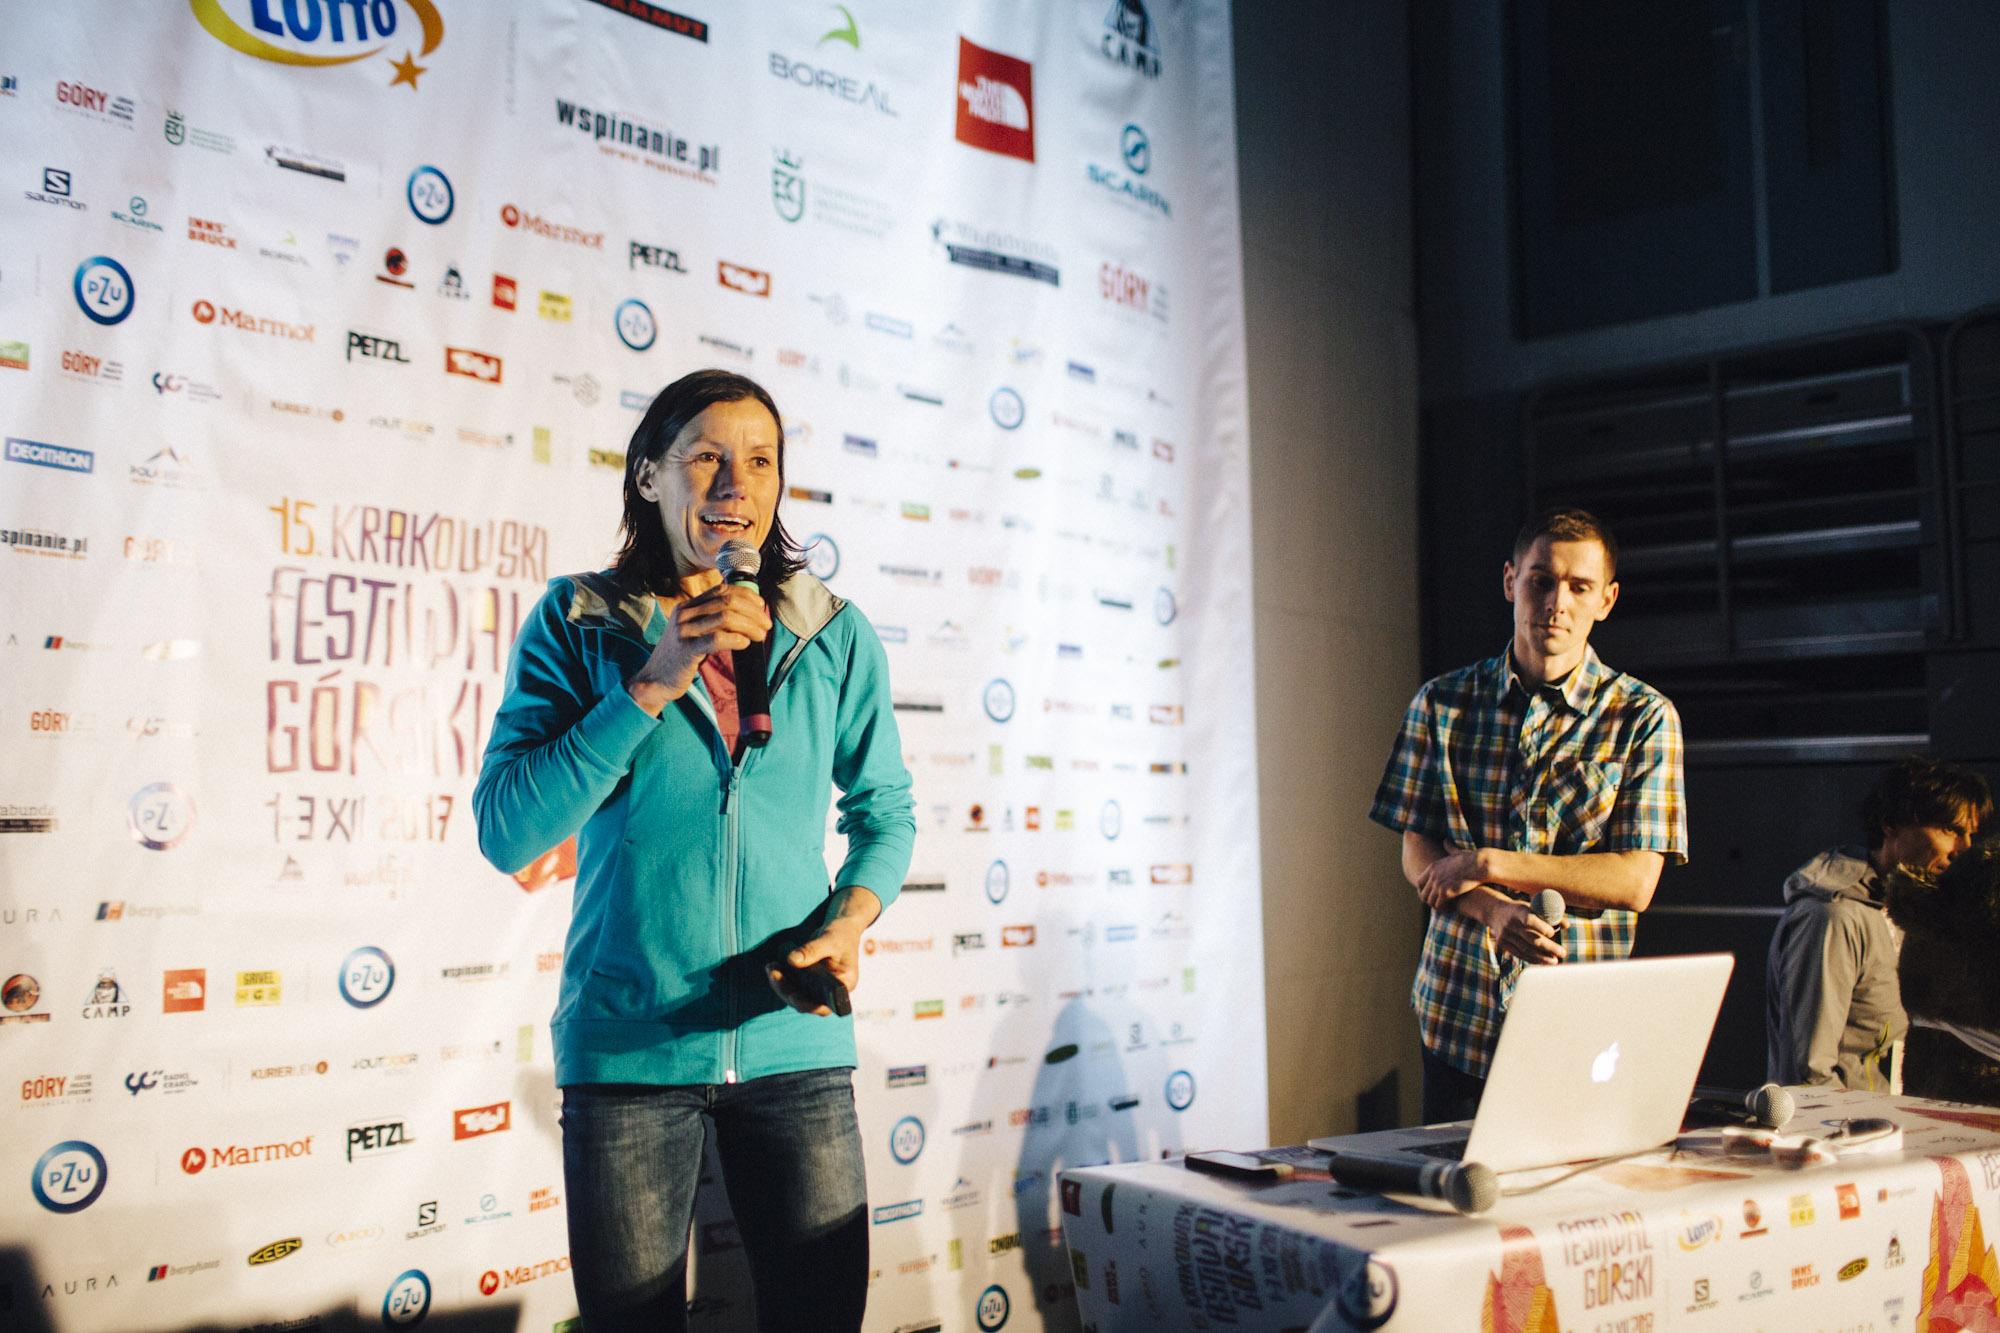 Ines Papert na 15. Krakowskim Festiwalu Górskim (fot. Adam Kokot/KFG)